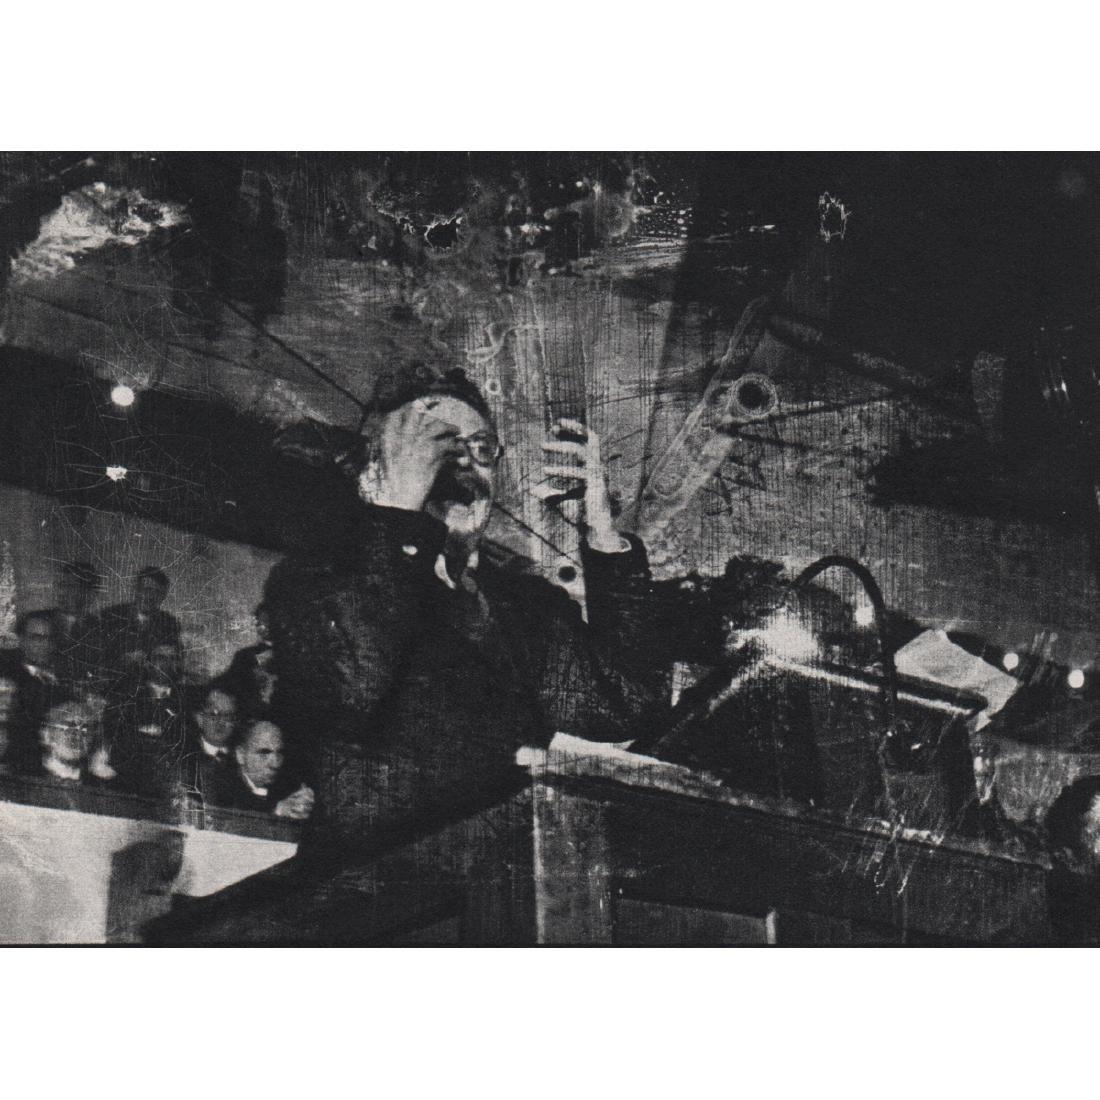 ROBERT CAPA - Leon Trotsky, Copenhagen 1931